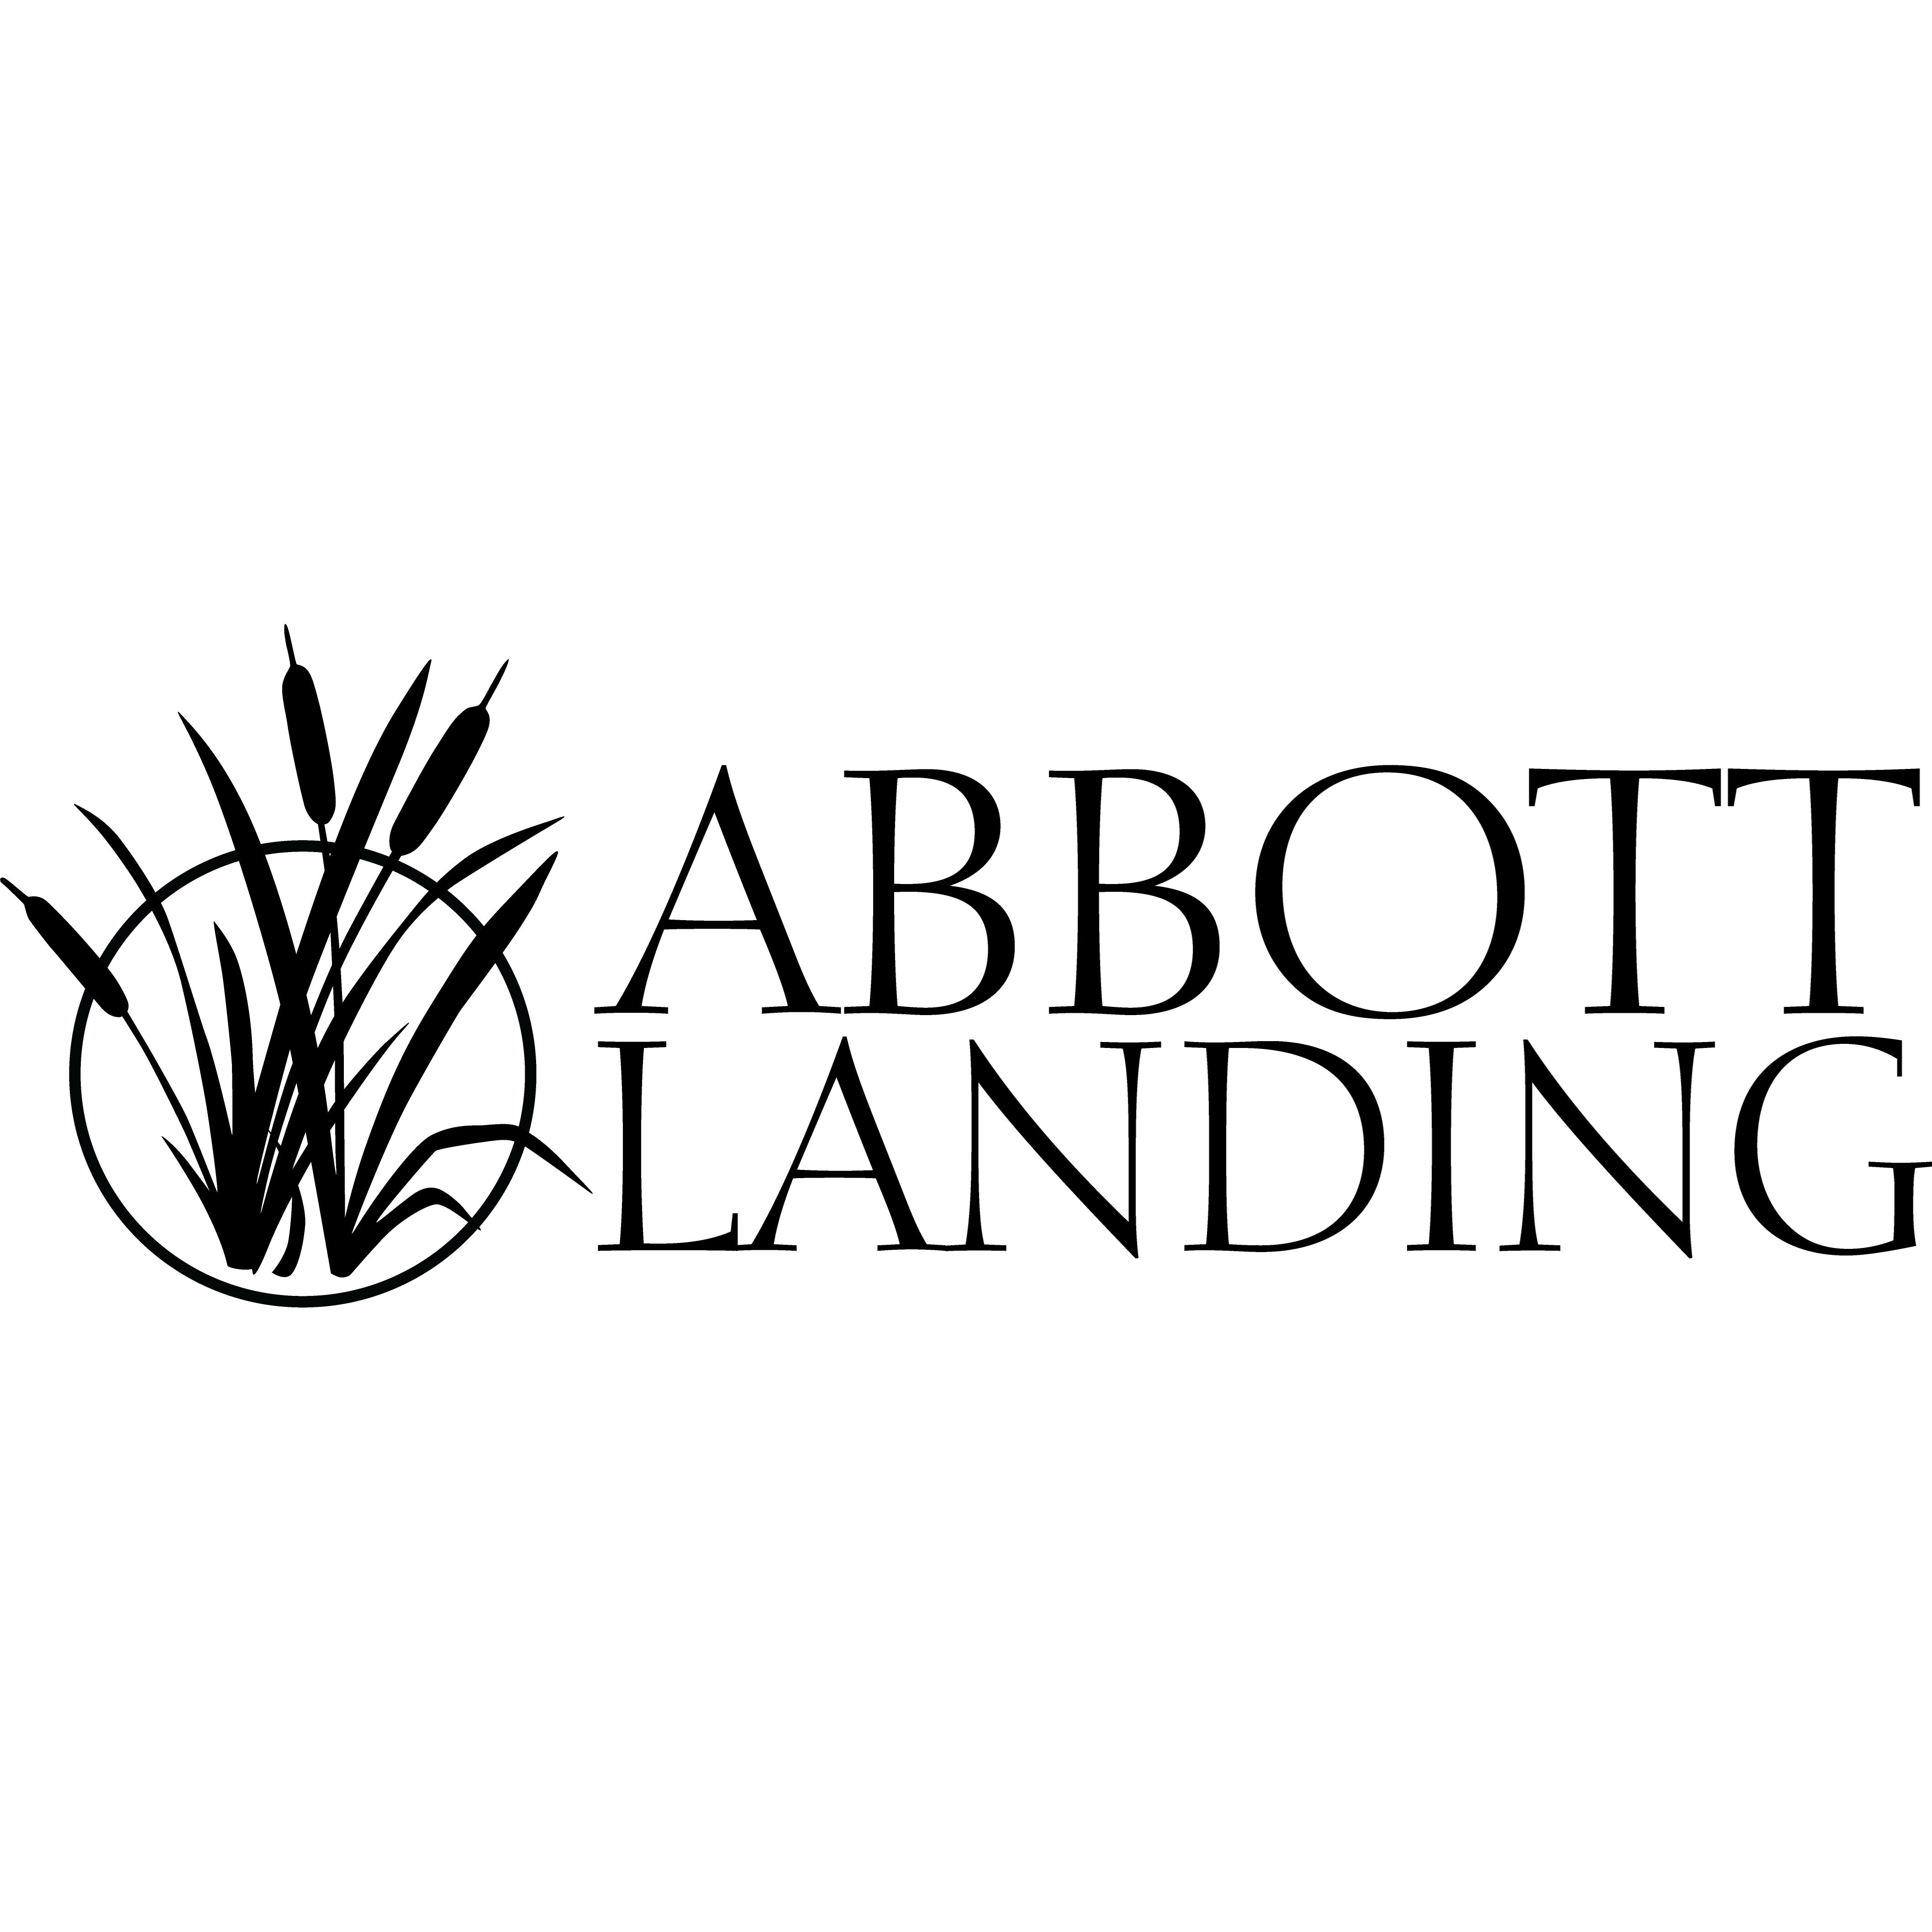 Abbott Landing image 8